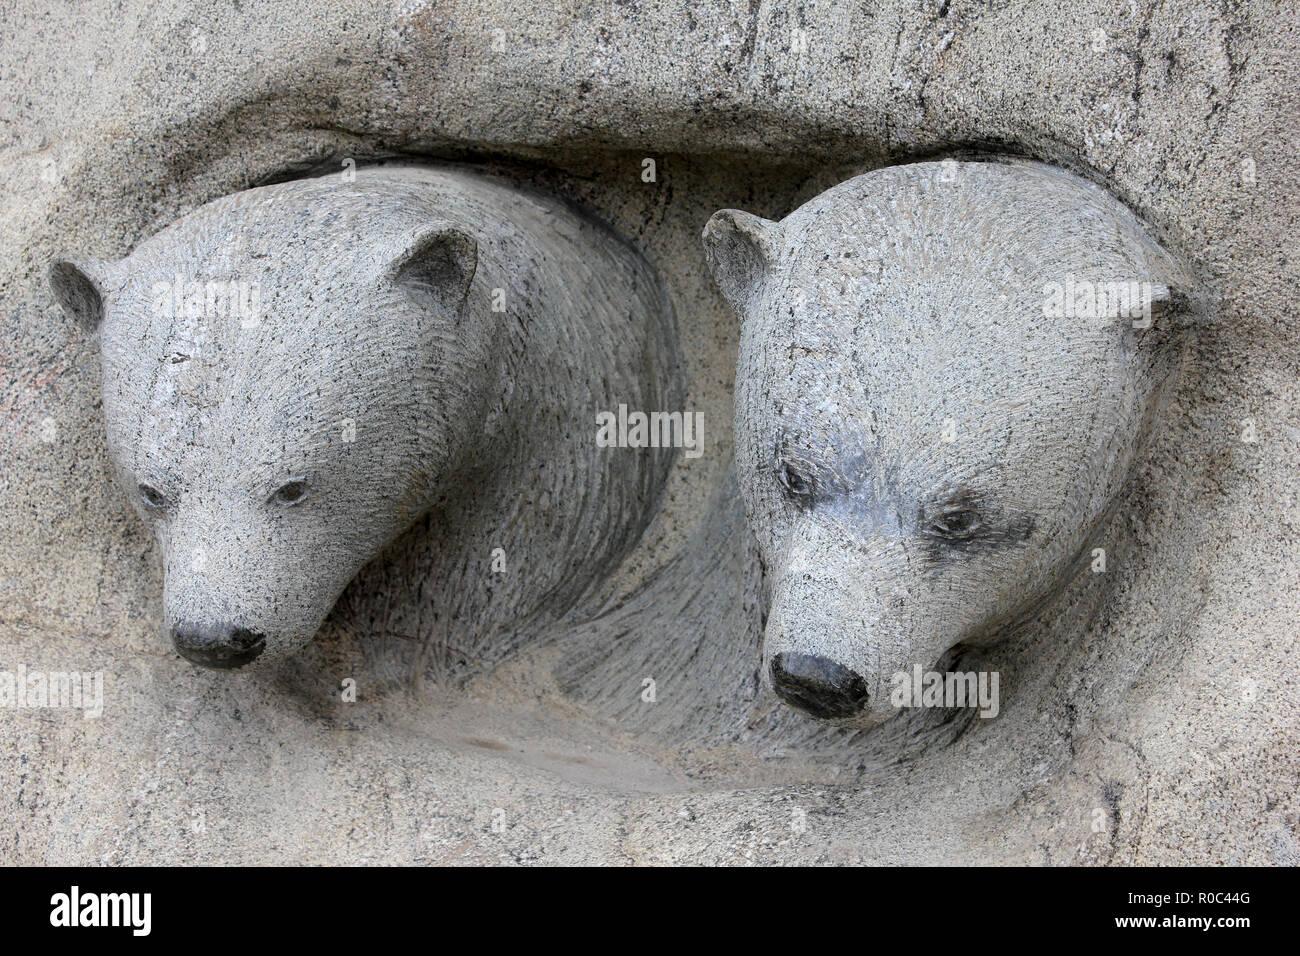 Polar Bear Cubs Inuit Carving - Stock Image